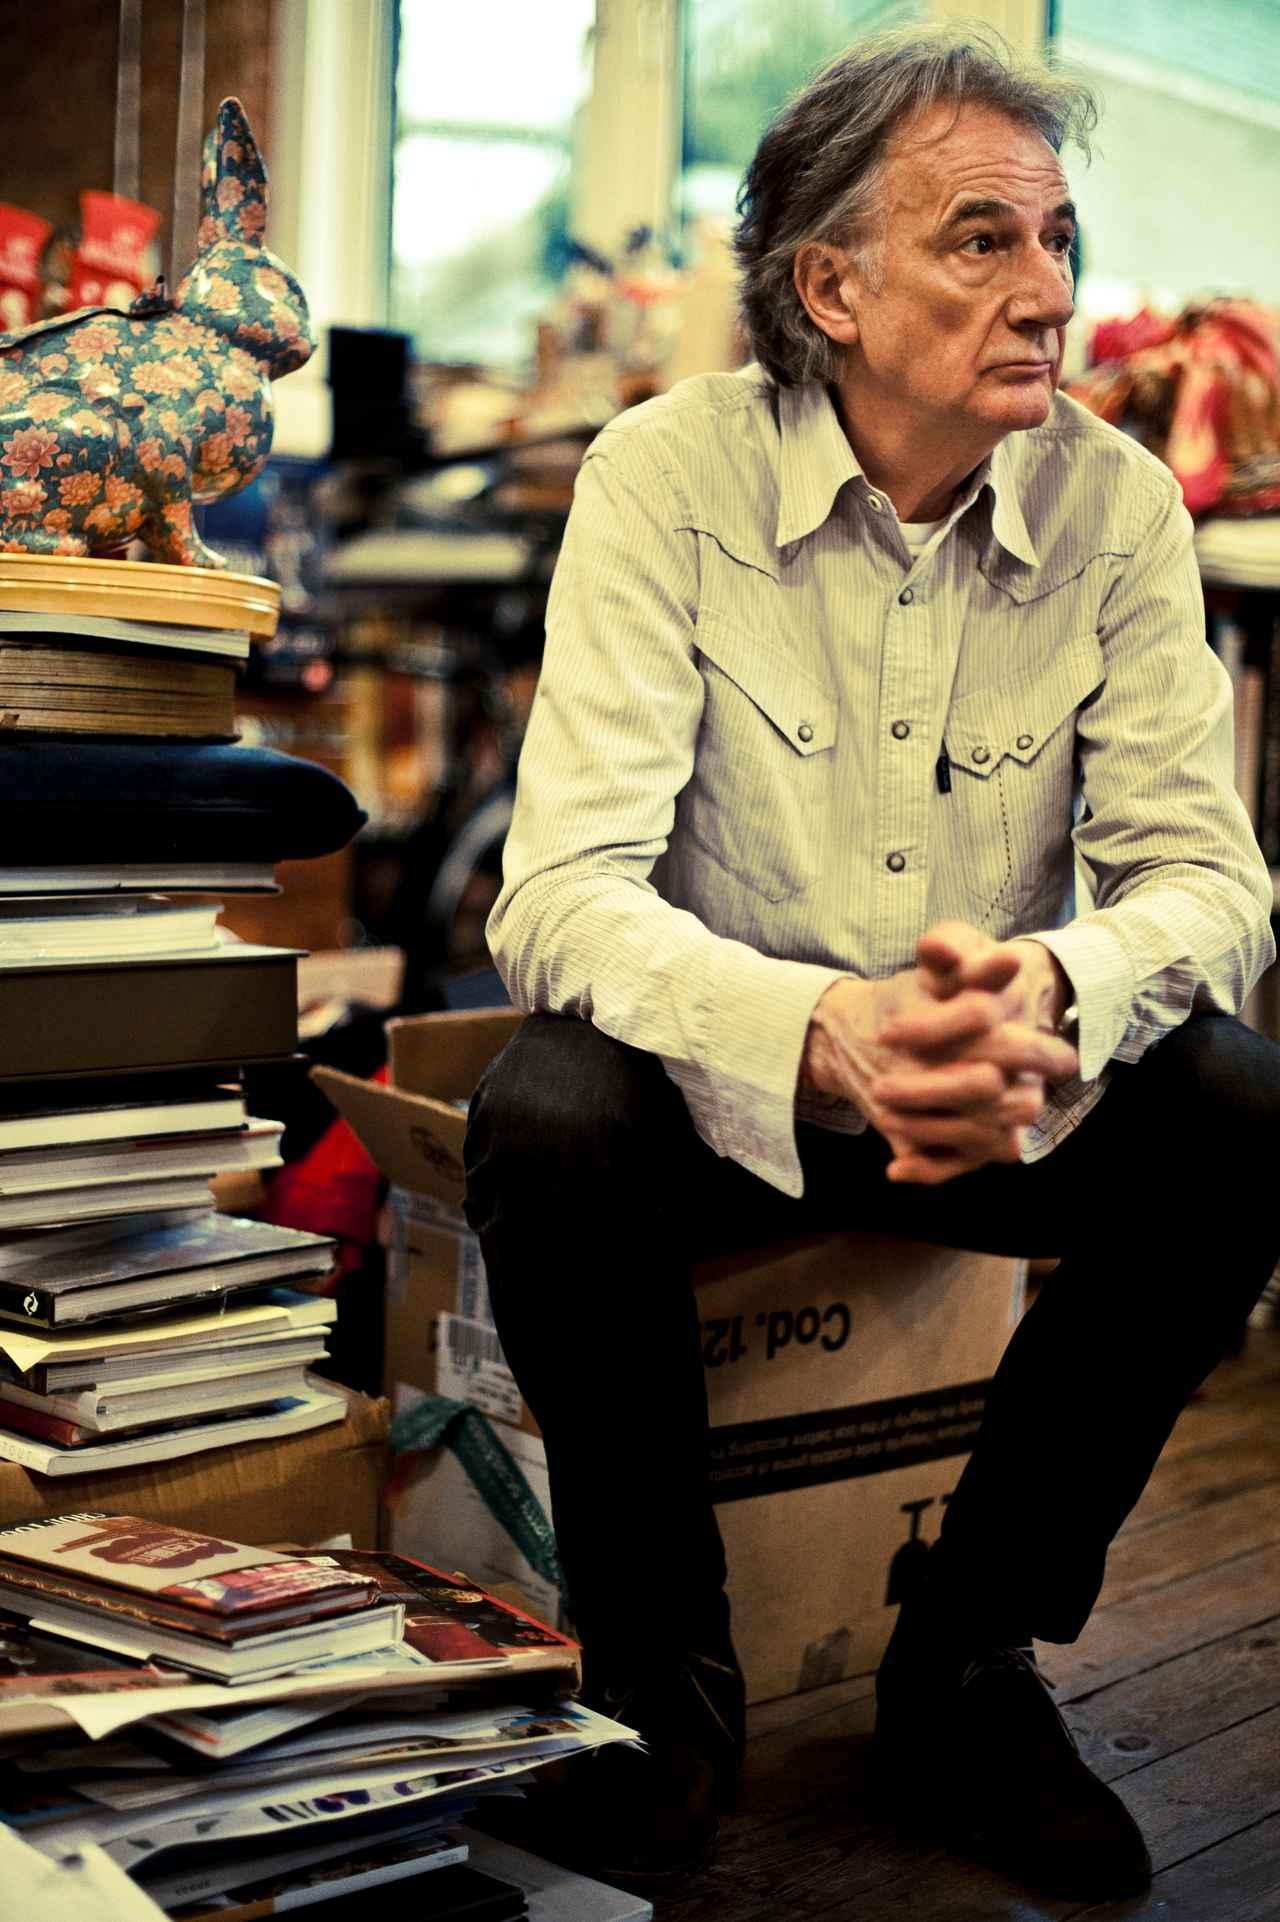 画像: Paul's Portrait 2:ポールのポートレイト2 © James Mooney